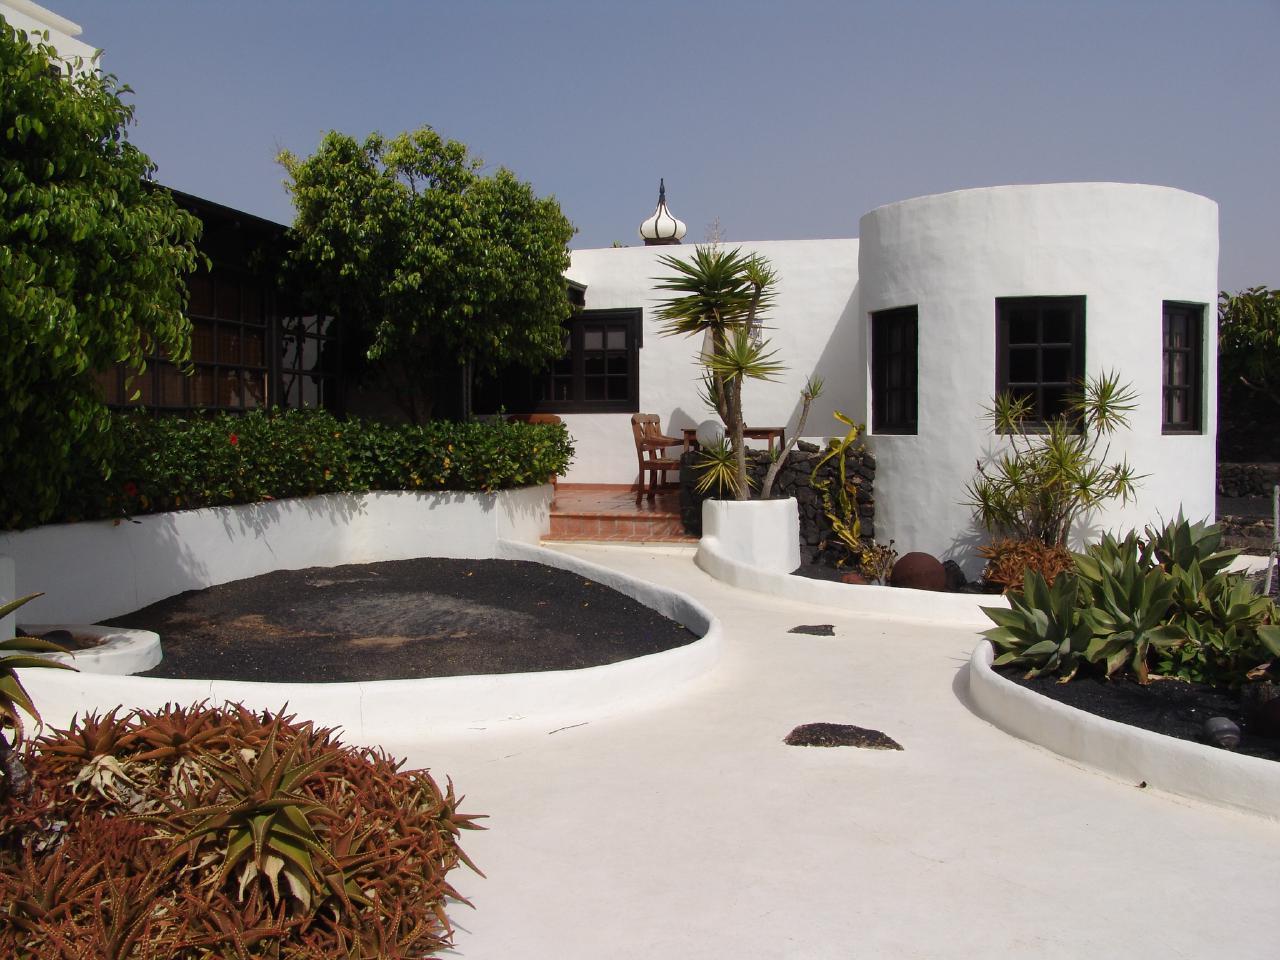 Holiday house CASA TEIGA LUNA 3 SCHLAFZIMMER VILLA MIT POOL UND TERASSE (1682022), Tahiche, Lanzarote, Canary Islands, Spain, picture 18